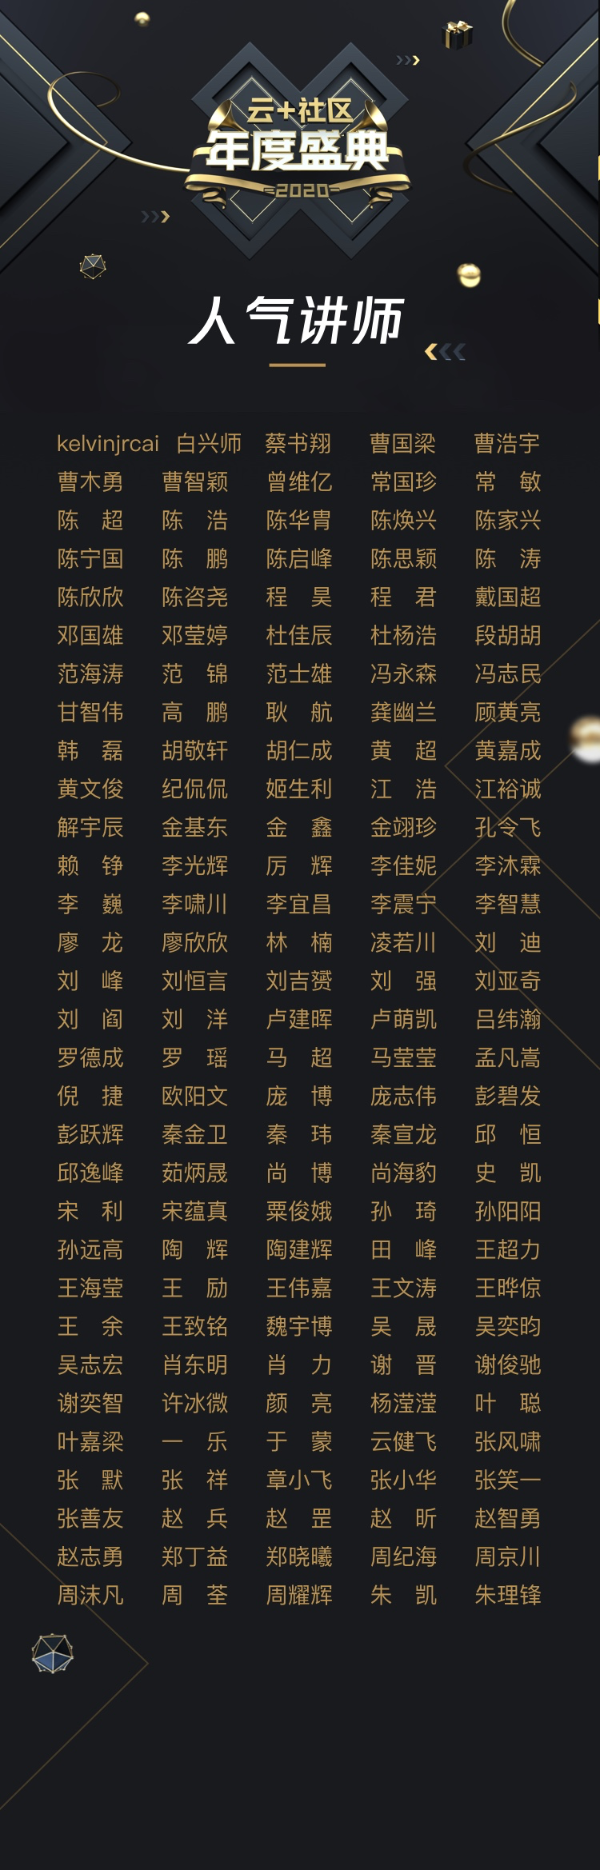 正式揭晓!云+社区2020年度优秀讲师&TOP作者榜单